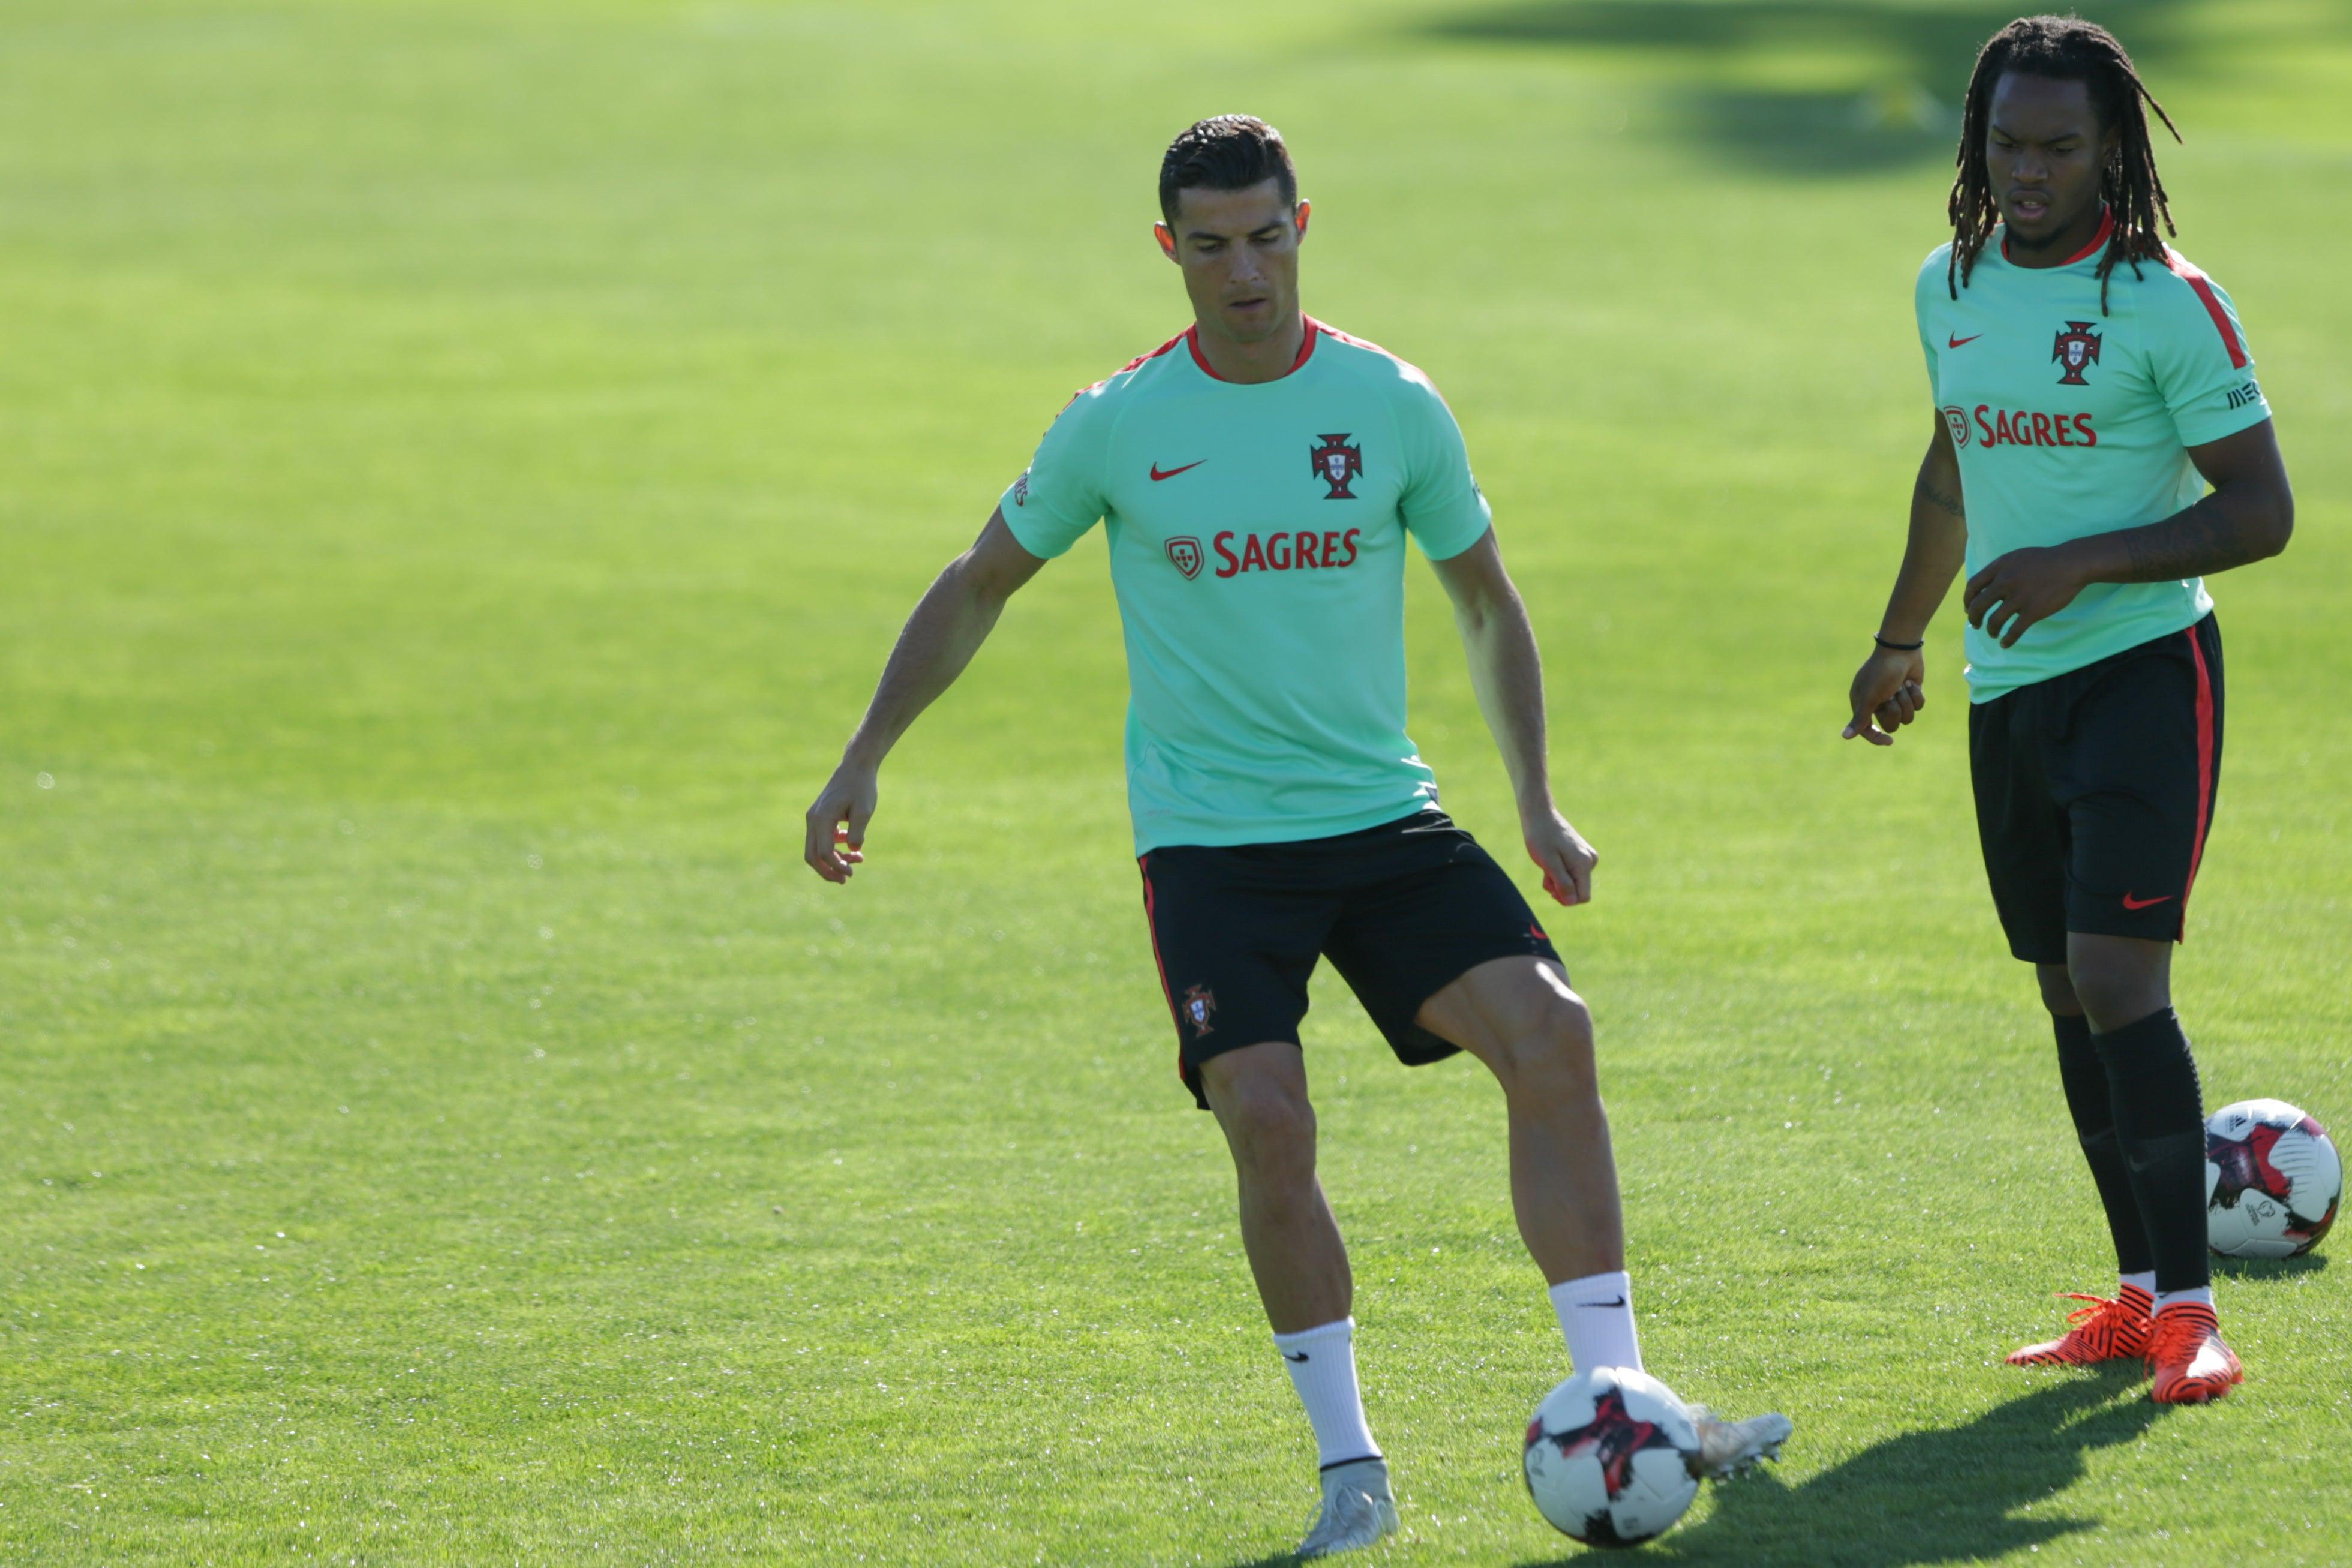 Portugal vence Andorra e decide qualificação para o Mundial frente à Suíça